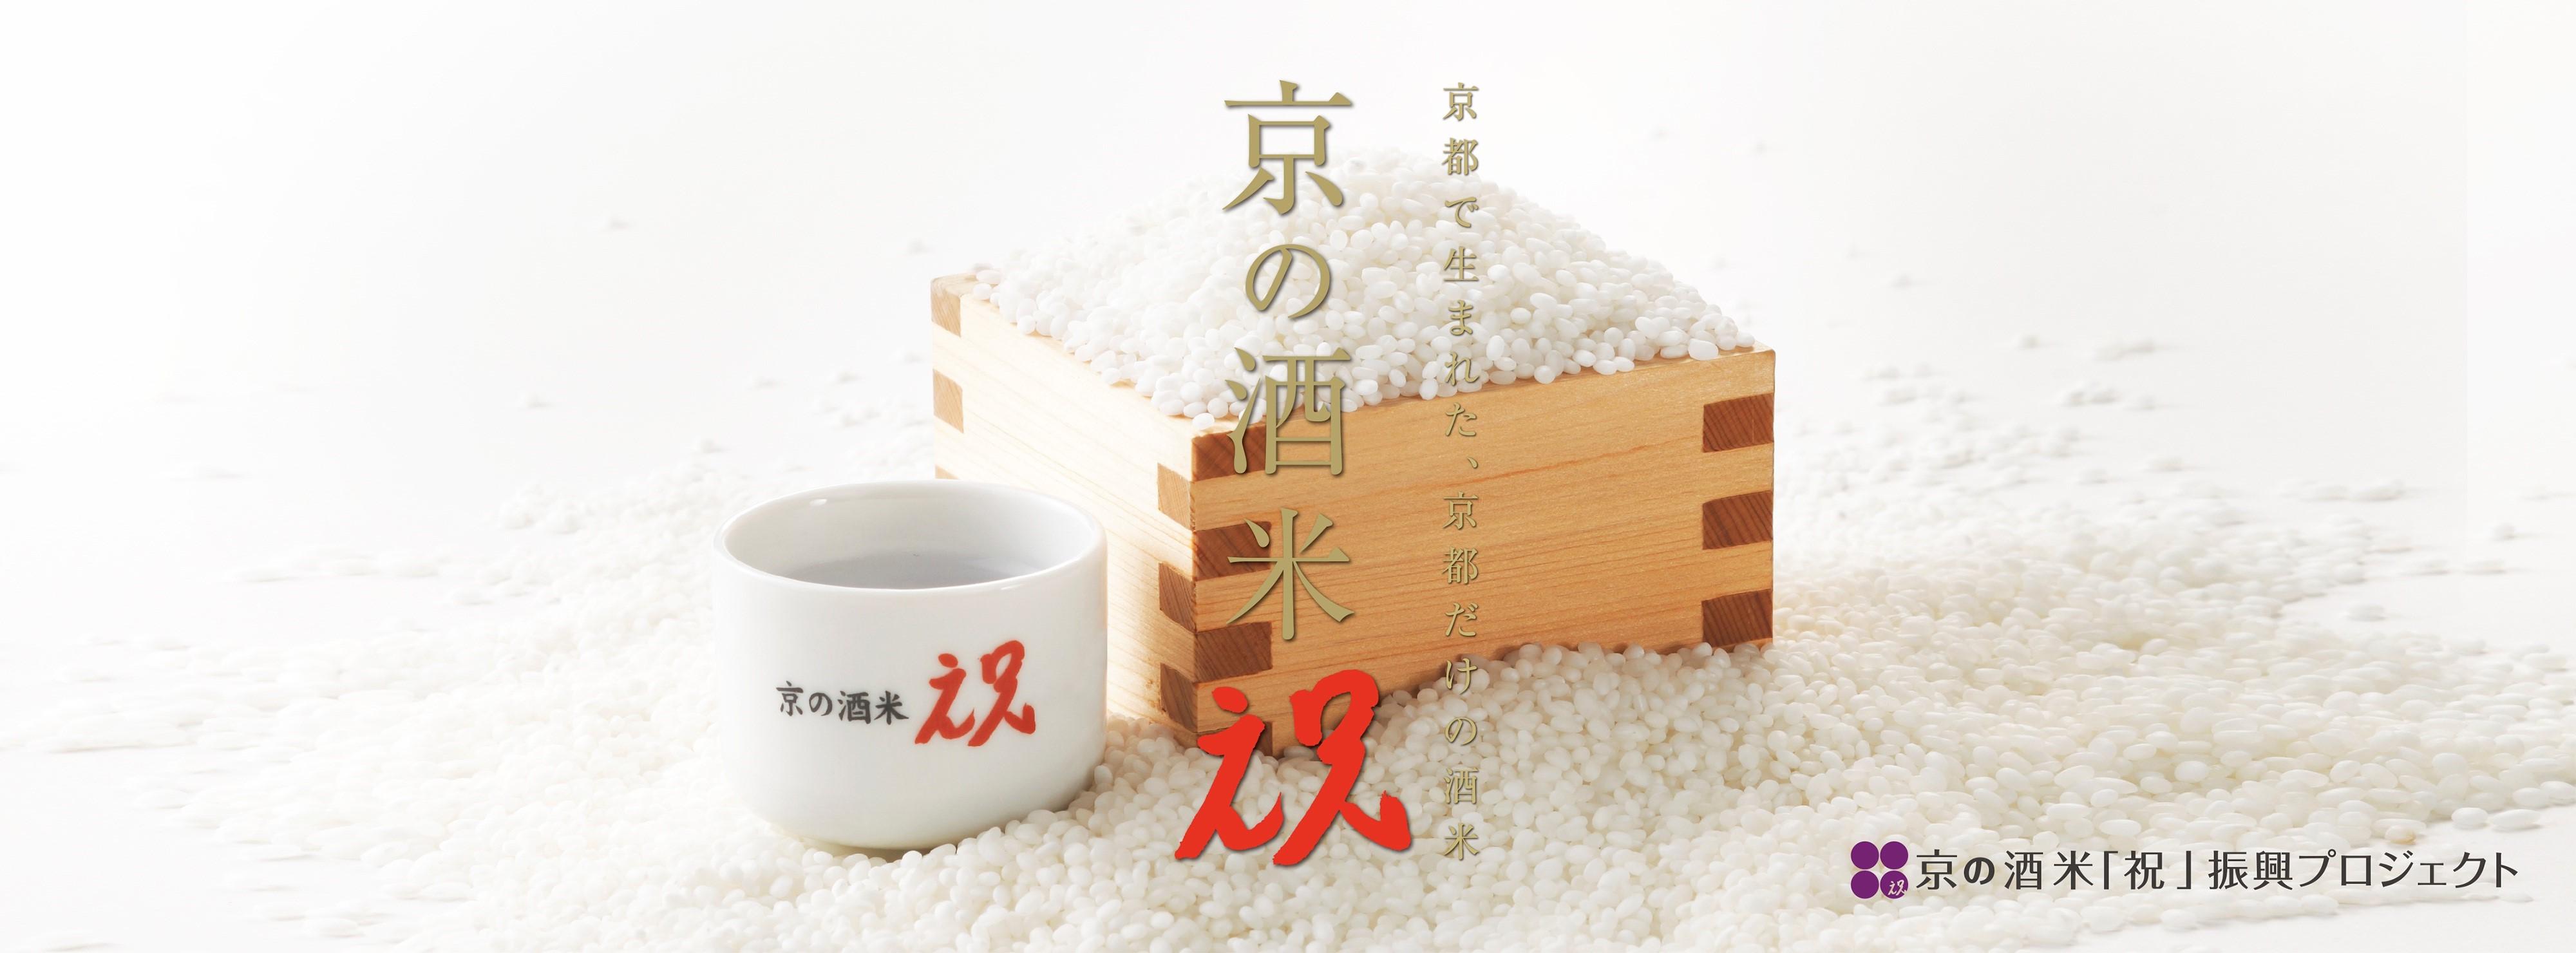 京都で生まれた、京都だけの酒米「祝」 京の酒米「祝」振興プロジェクト